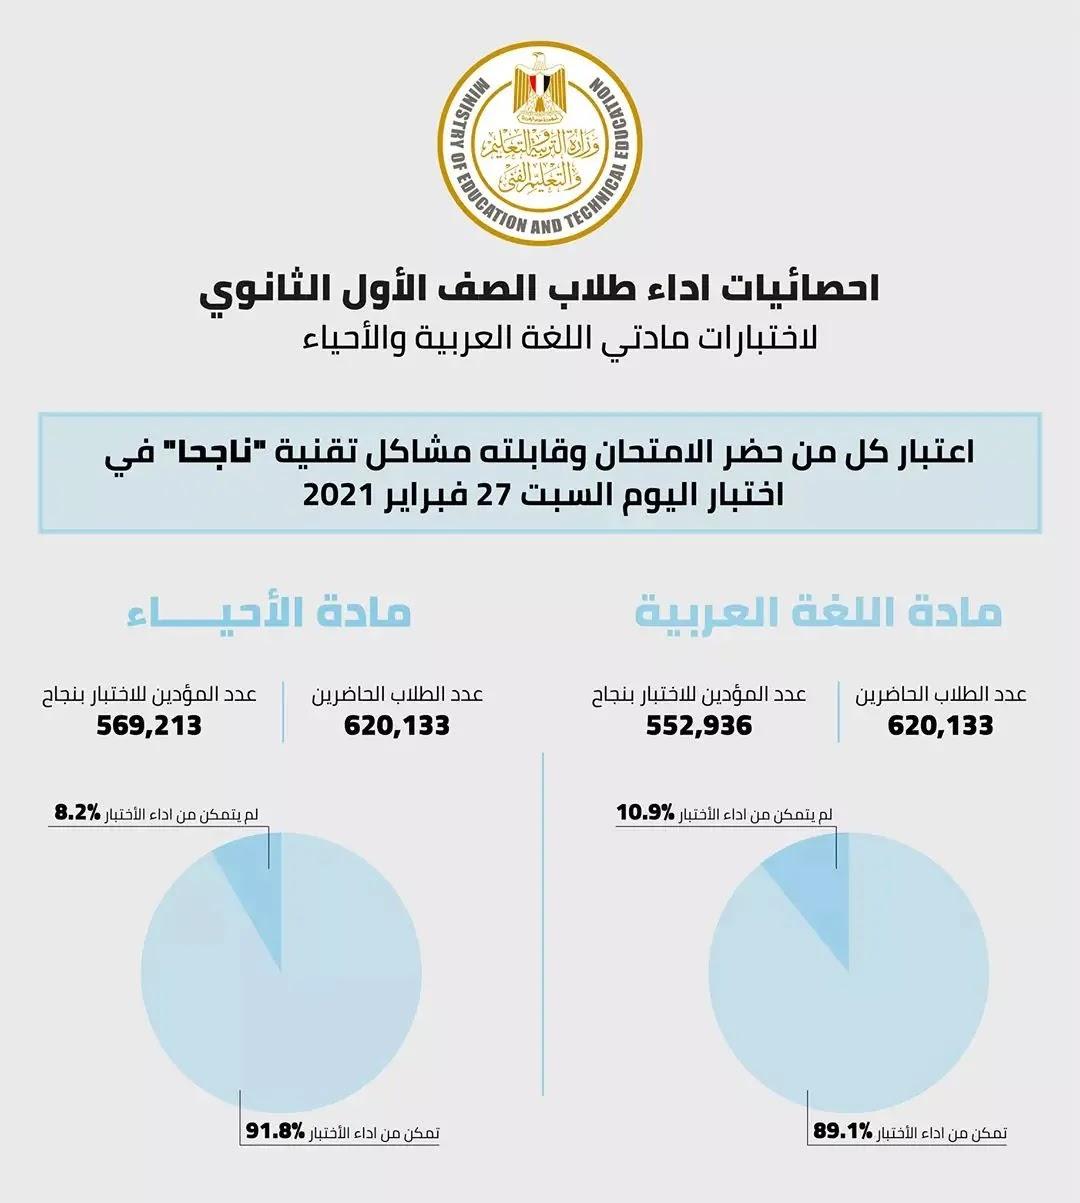 قرار وزارة التربية والتعليم اليوم بشأن امتحانات الصف الاول والثاني الثانوي اليوم